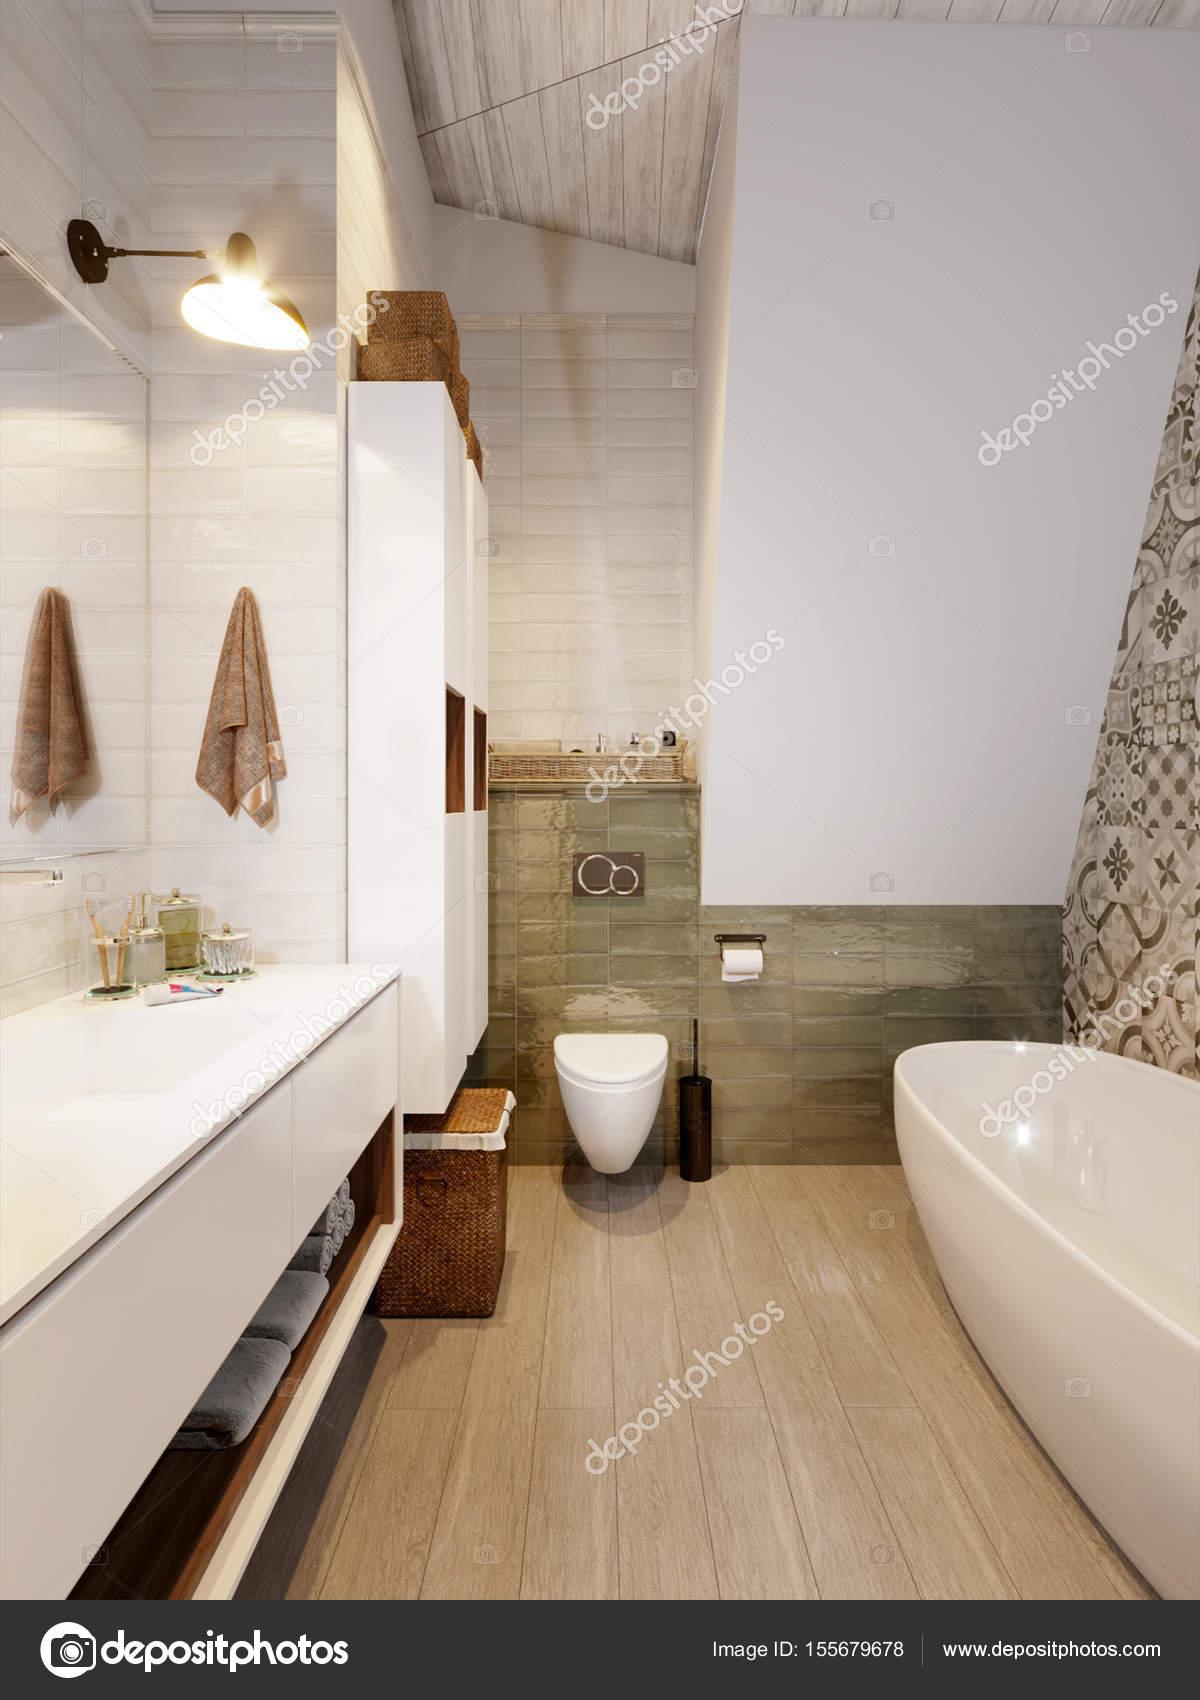 Interno di provenza rustico sottotetto bagno wc camera for Wc immagini